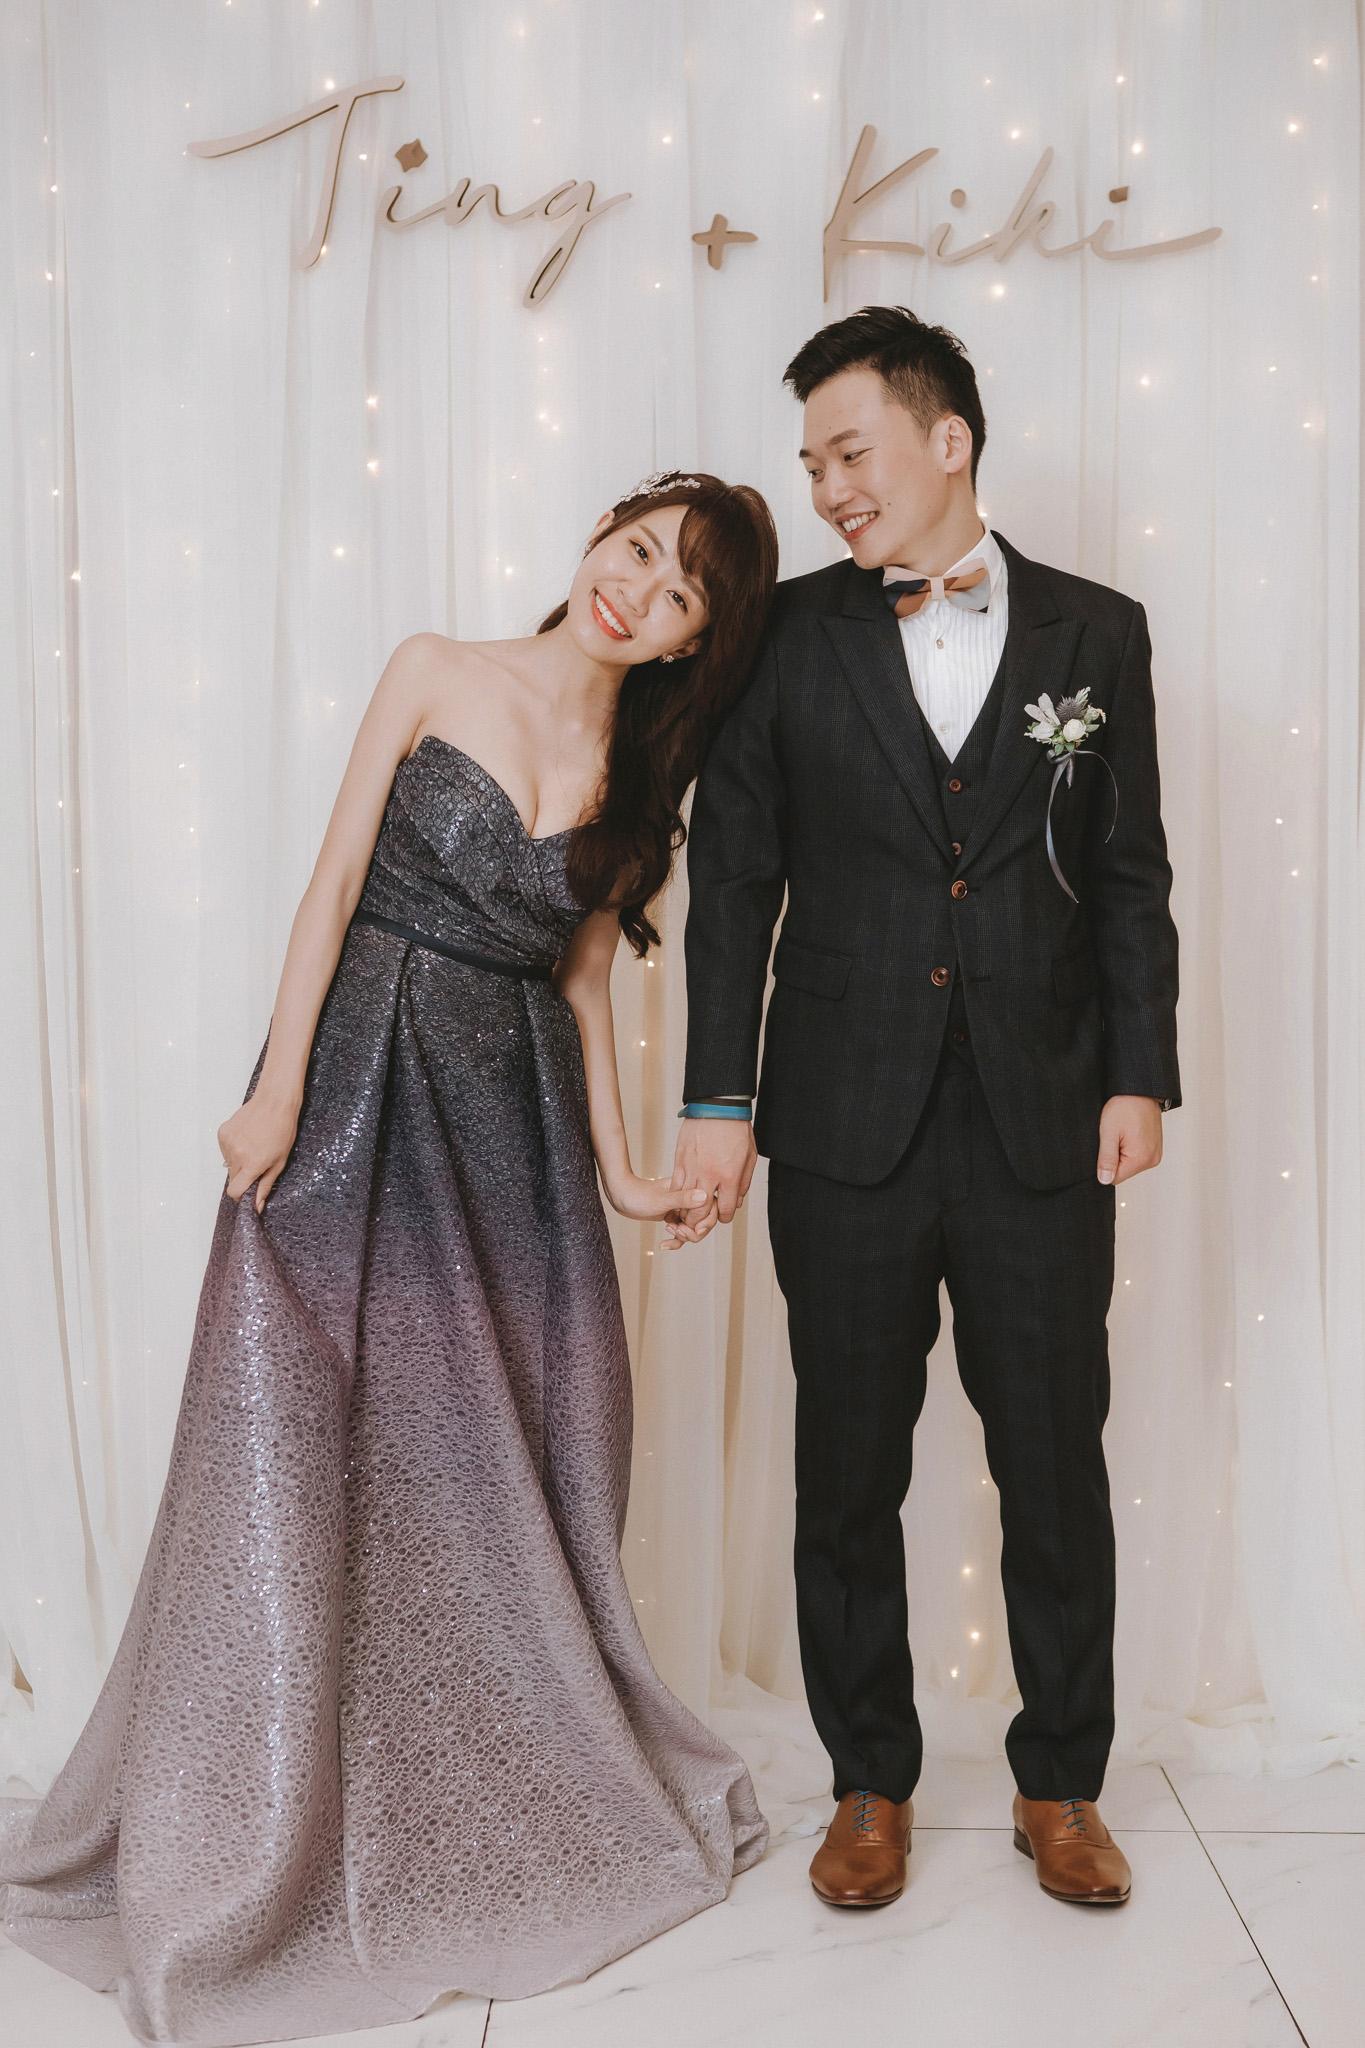 EW 居米 台北婚宴 台北婚紗 台北婚攝 國泰萬怡 台北婚禮 -72